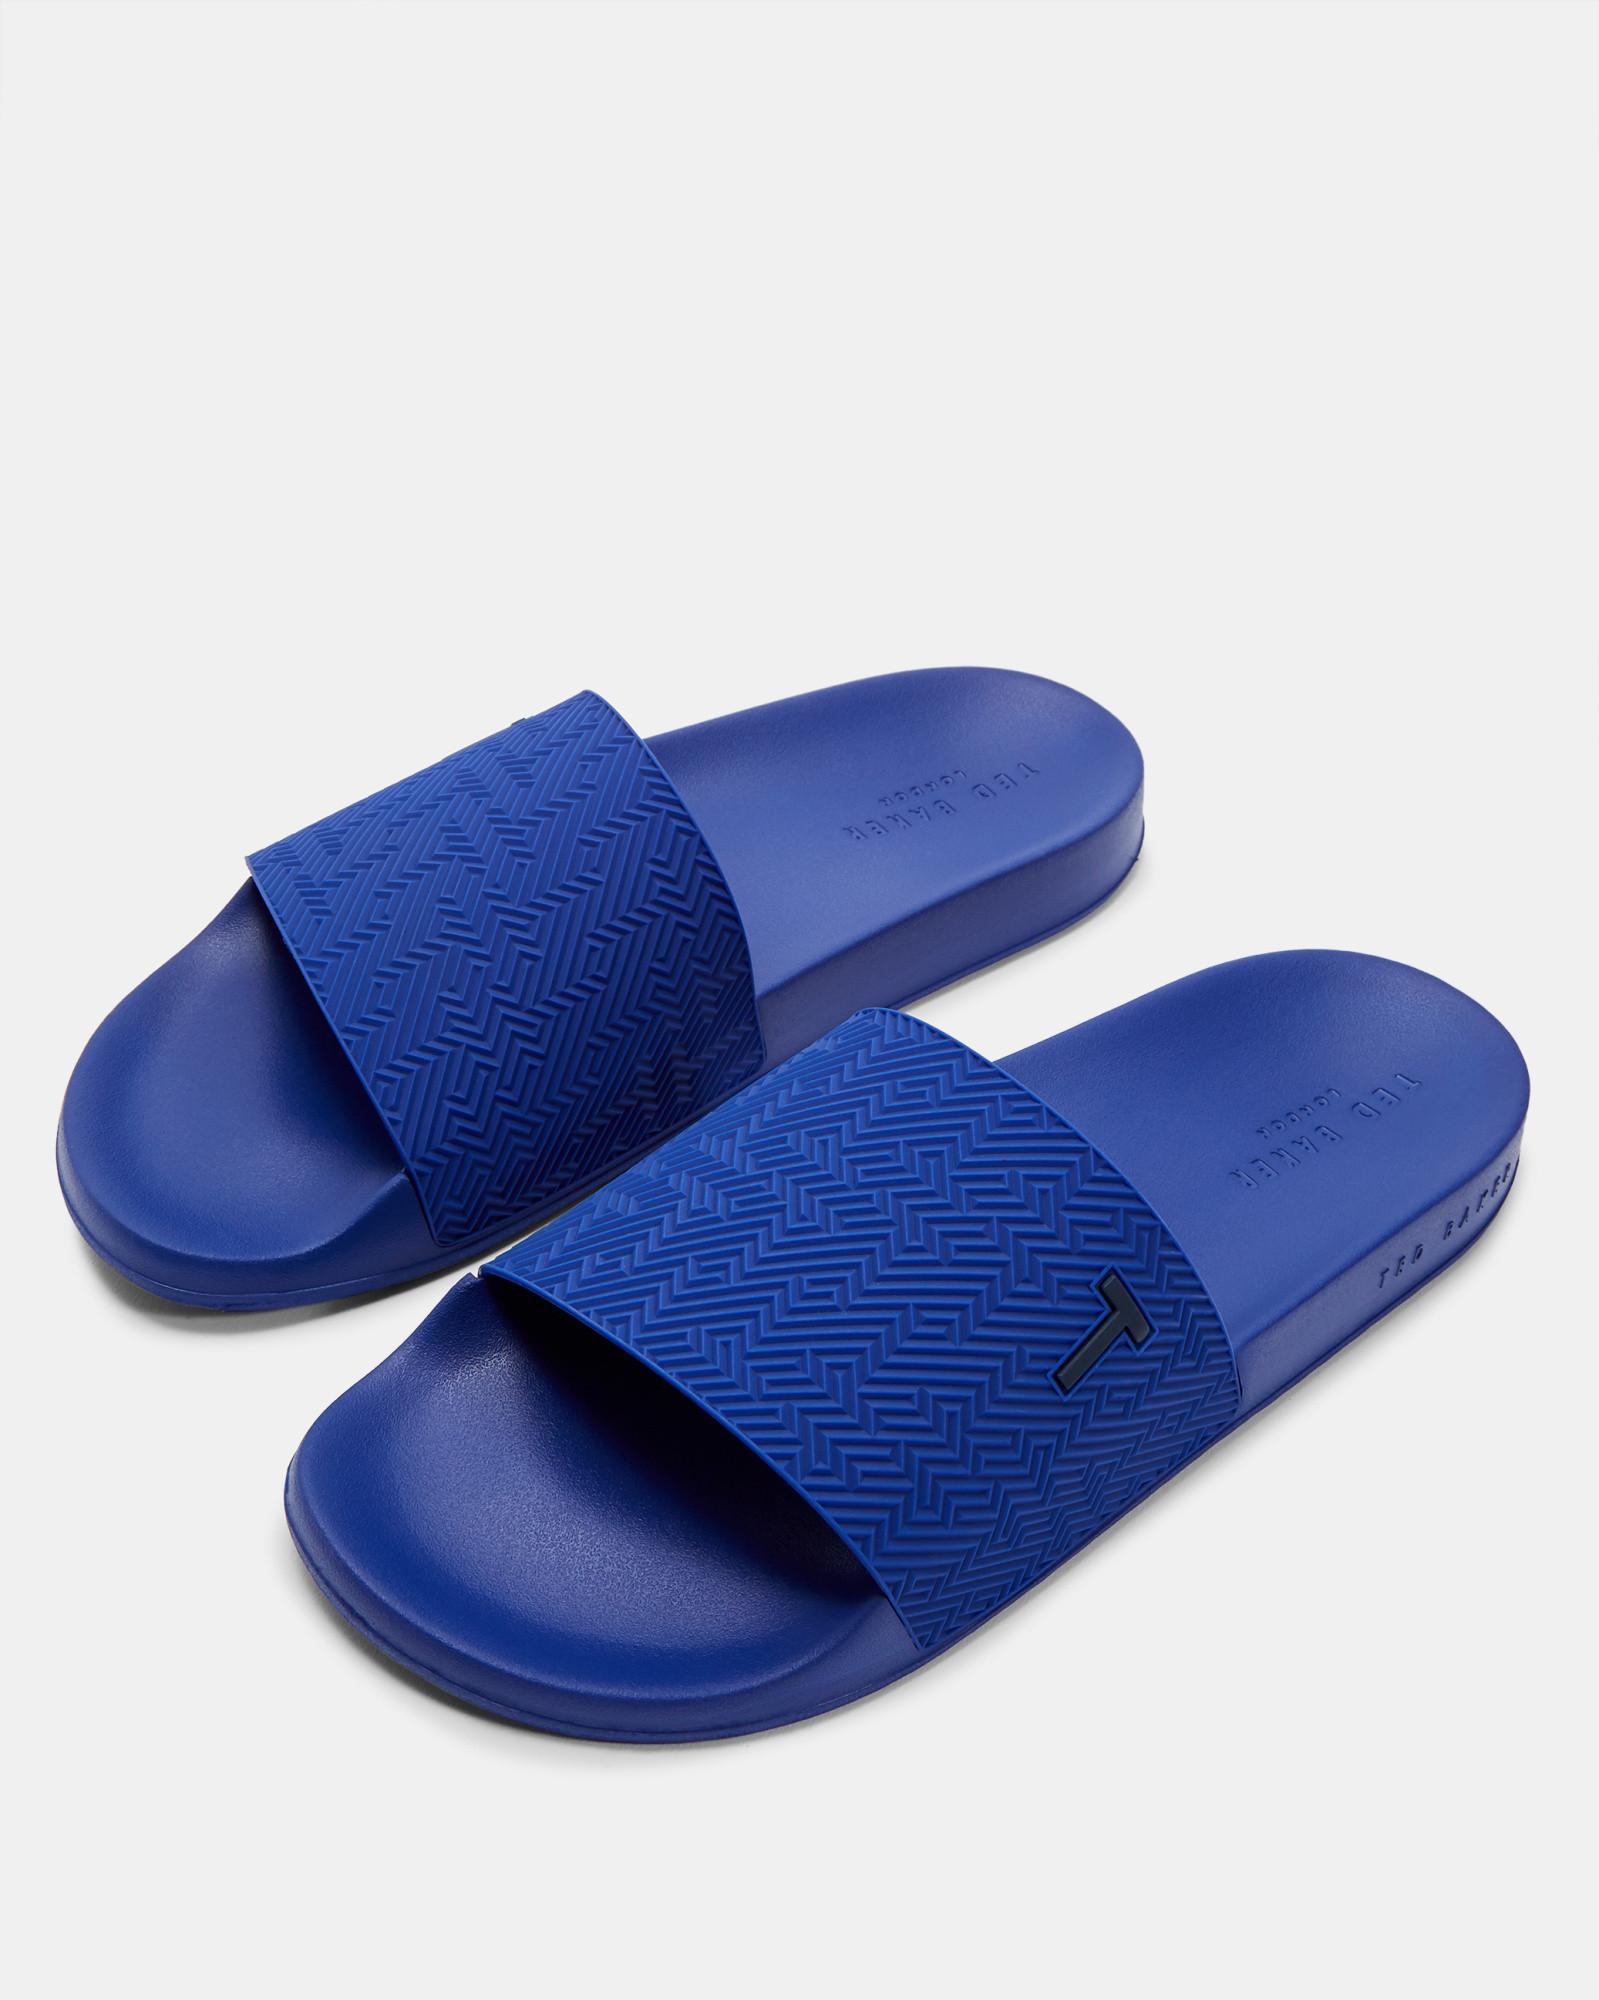 96099b1b6 Lyst - Ted Baker Geo Patterned Sliders in Blue for Men